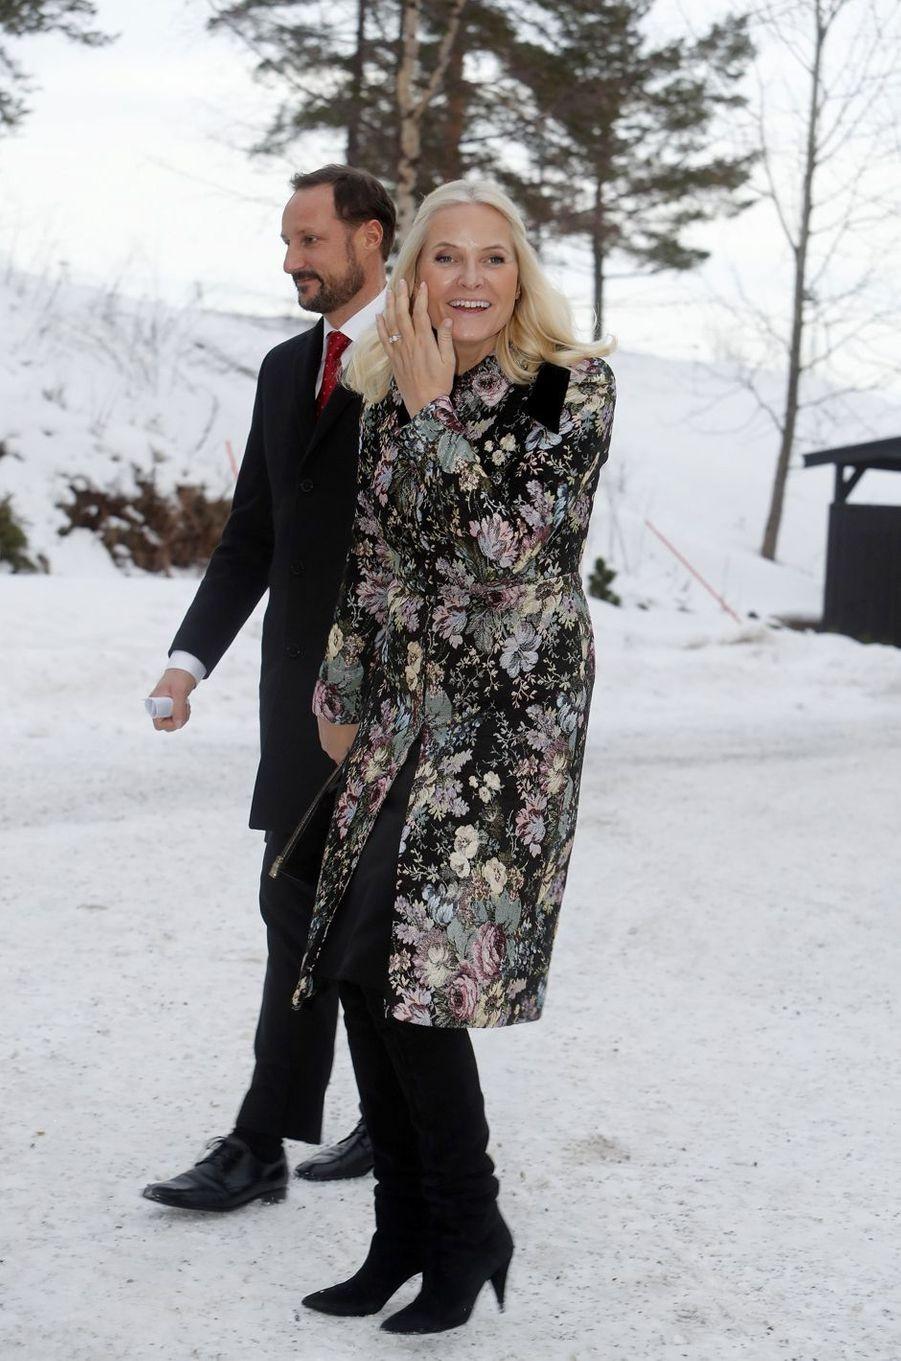 La princesse Mette-Marit et le prince Haakon de Norvège à Oslo, le 25 décembre 2018